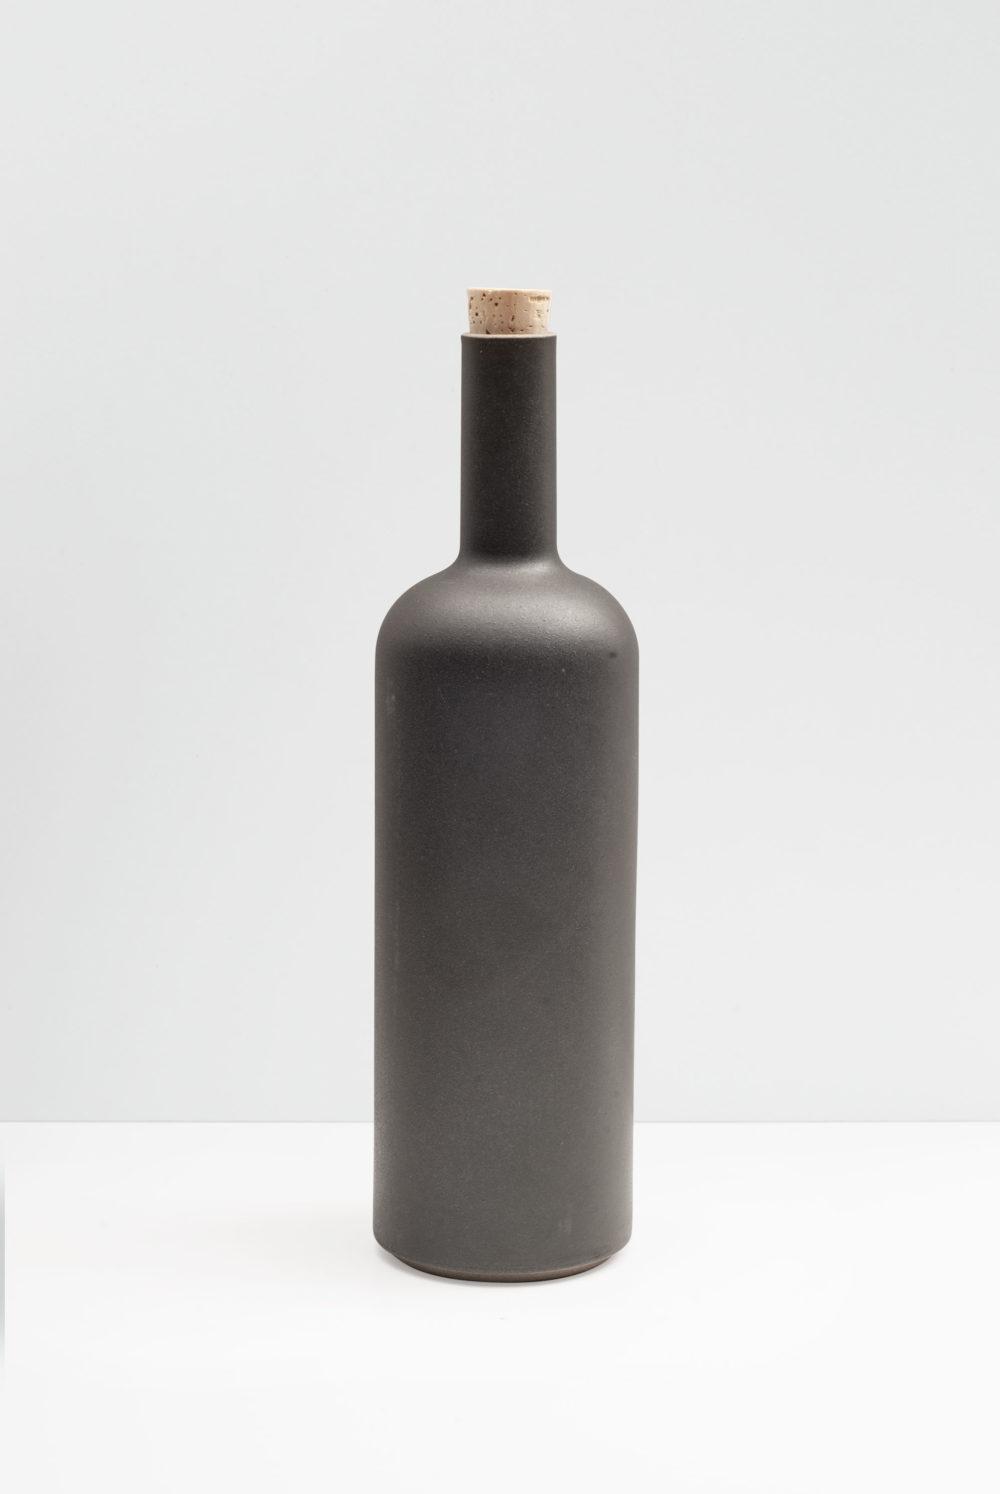 Hasami Porcelain Bottle in matte black